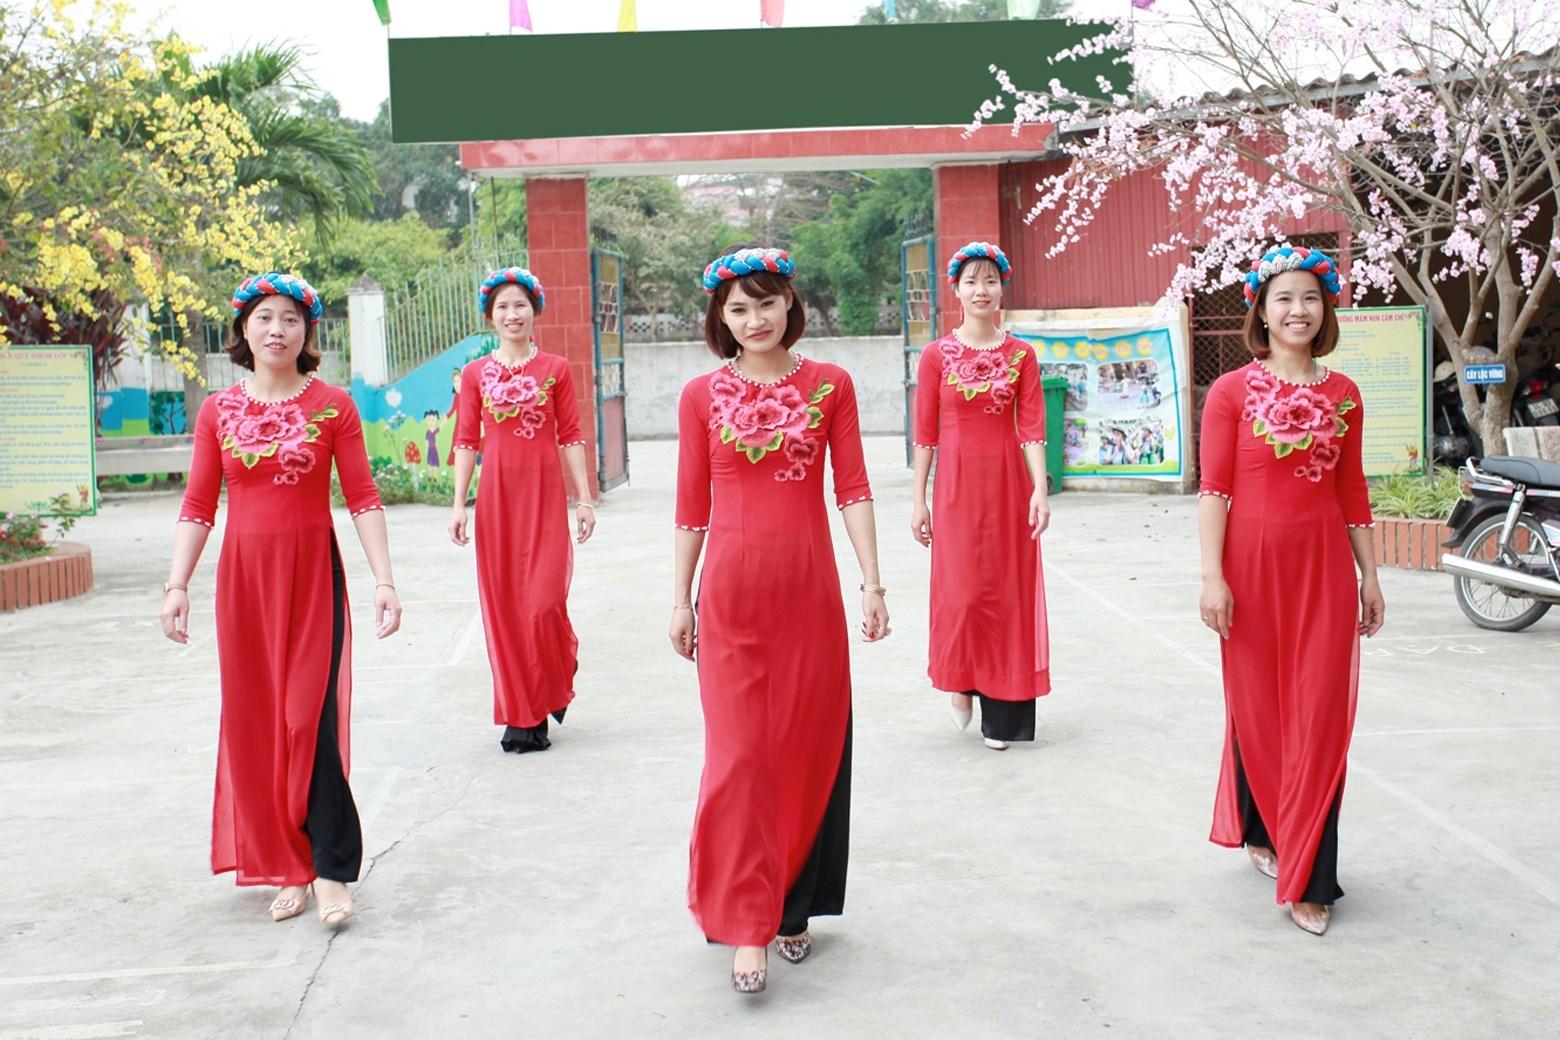 hai duong hoi lhpn huong ung hoat dong ao dai di san van hoa viet nam